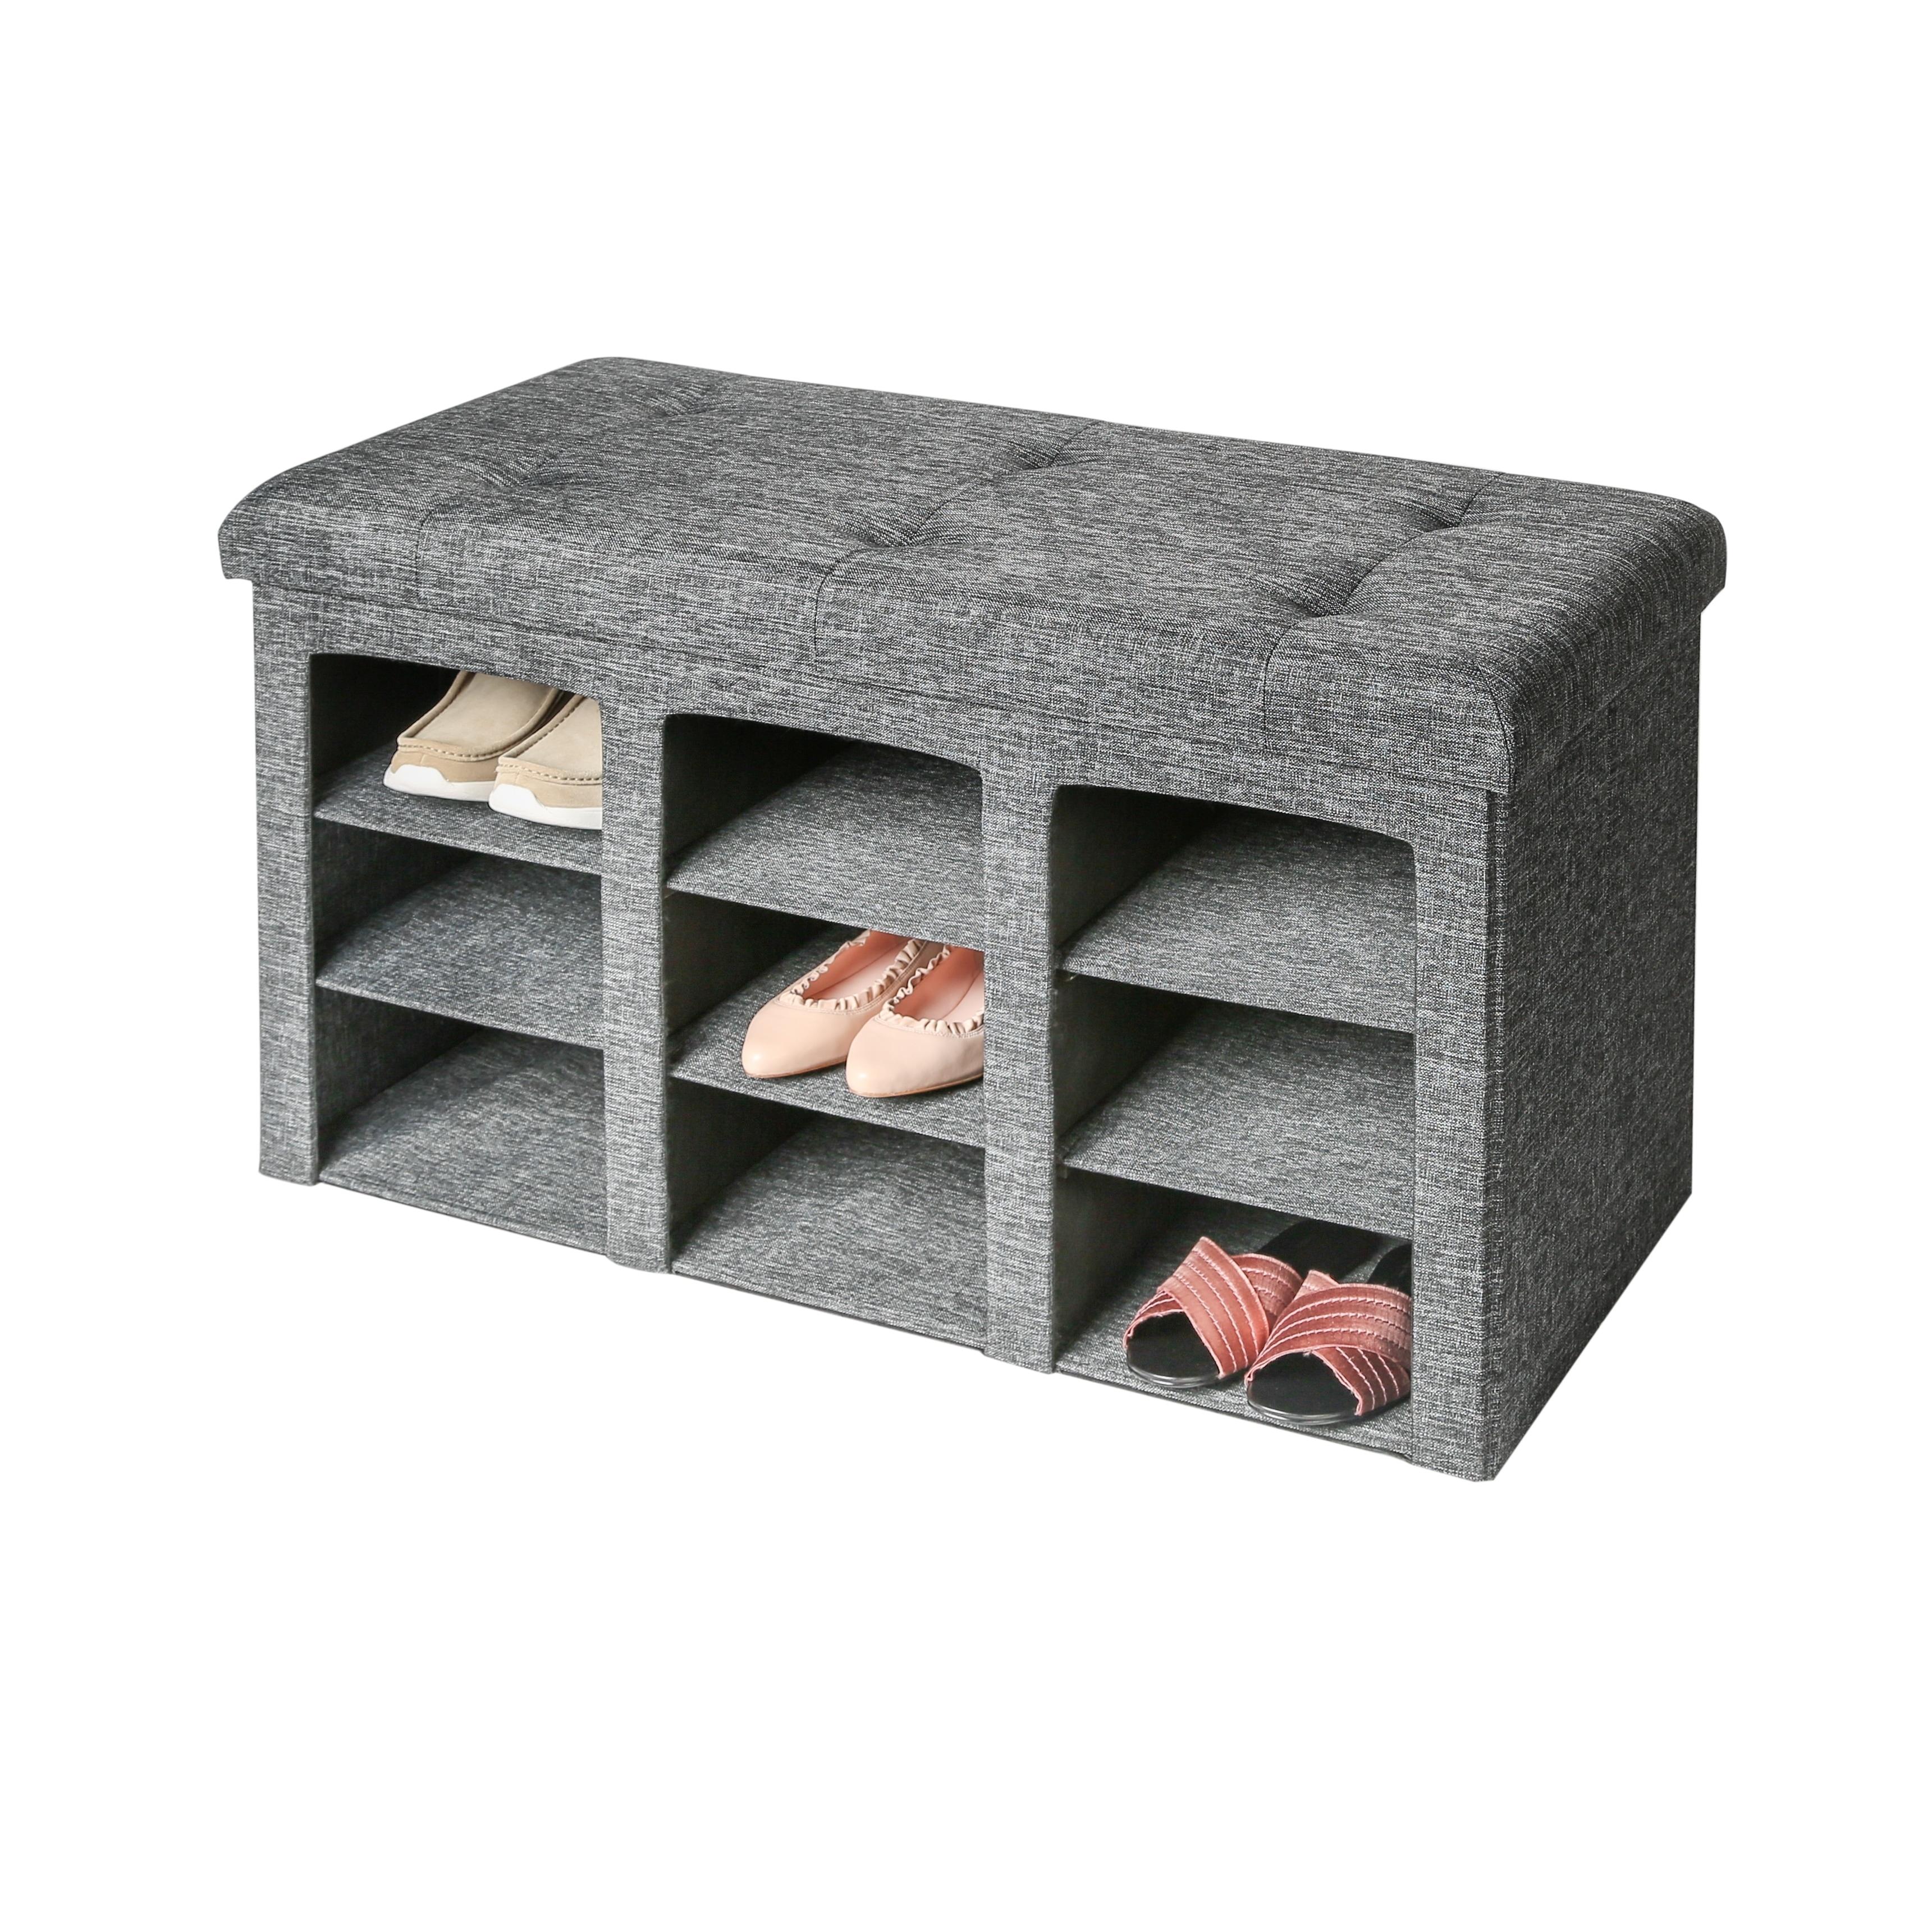 Phenomenal Porch Den Dustin Grey 9 Bin Tufted Entryway Shoe Storage Bench Machost Co Dining Chair Design Ideas Machostcouk